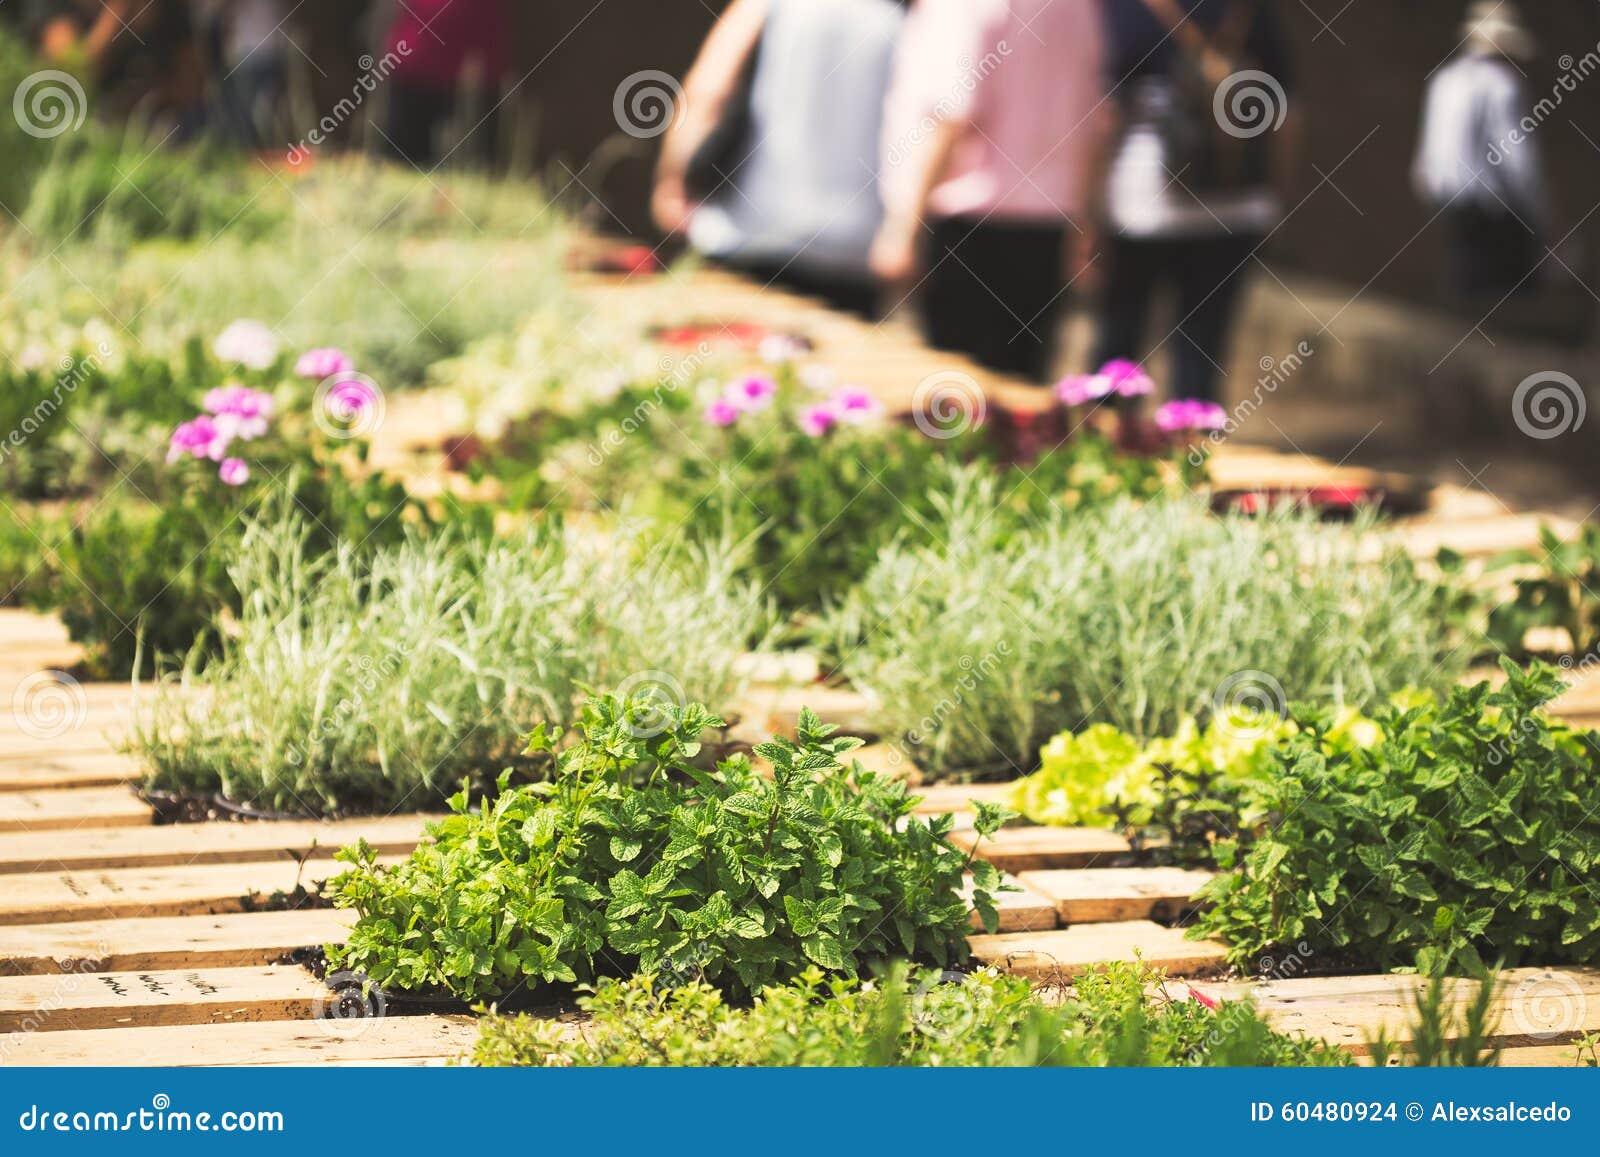 Jardin de fines herbes